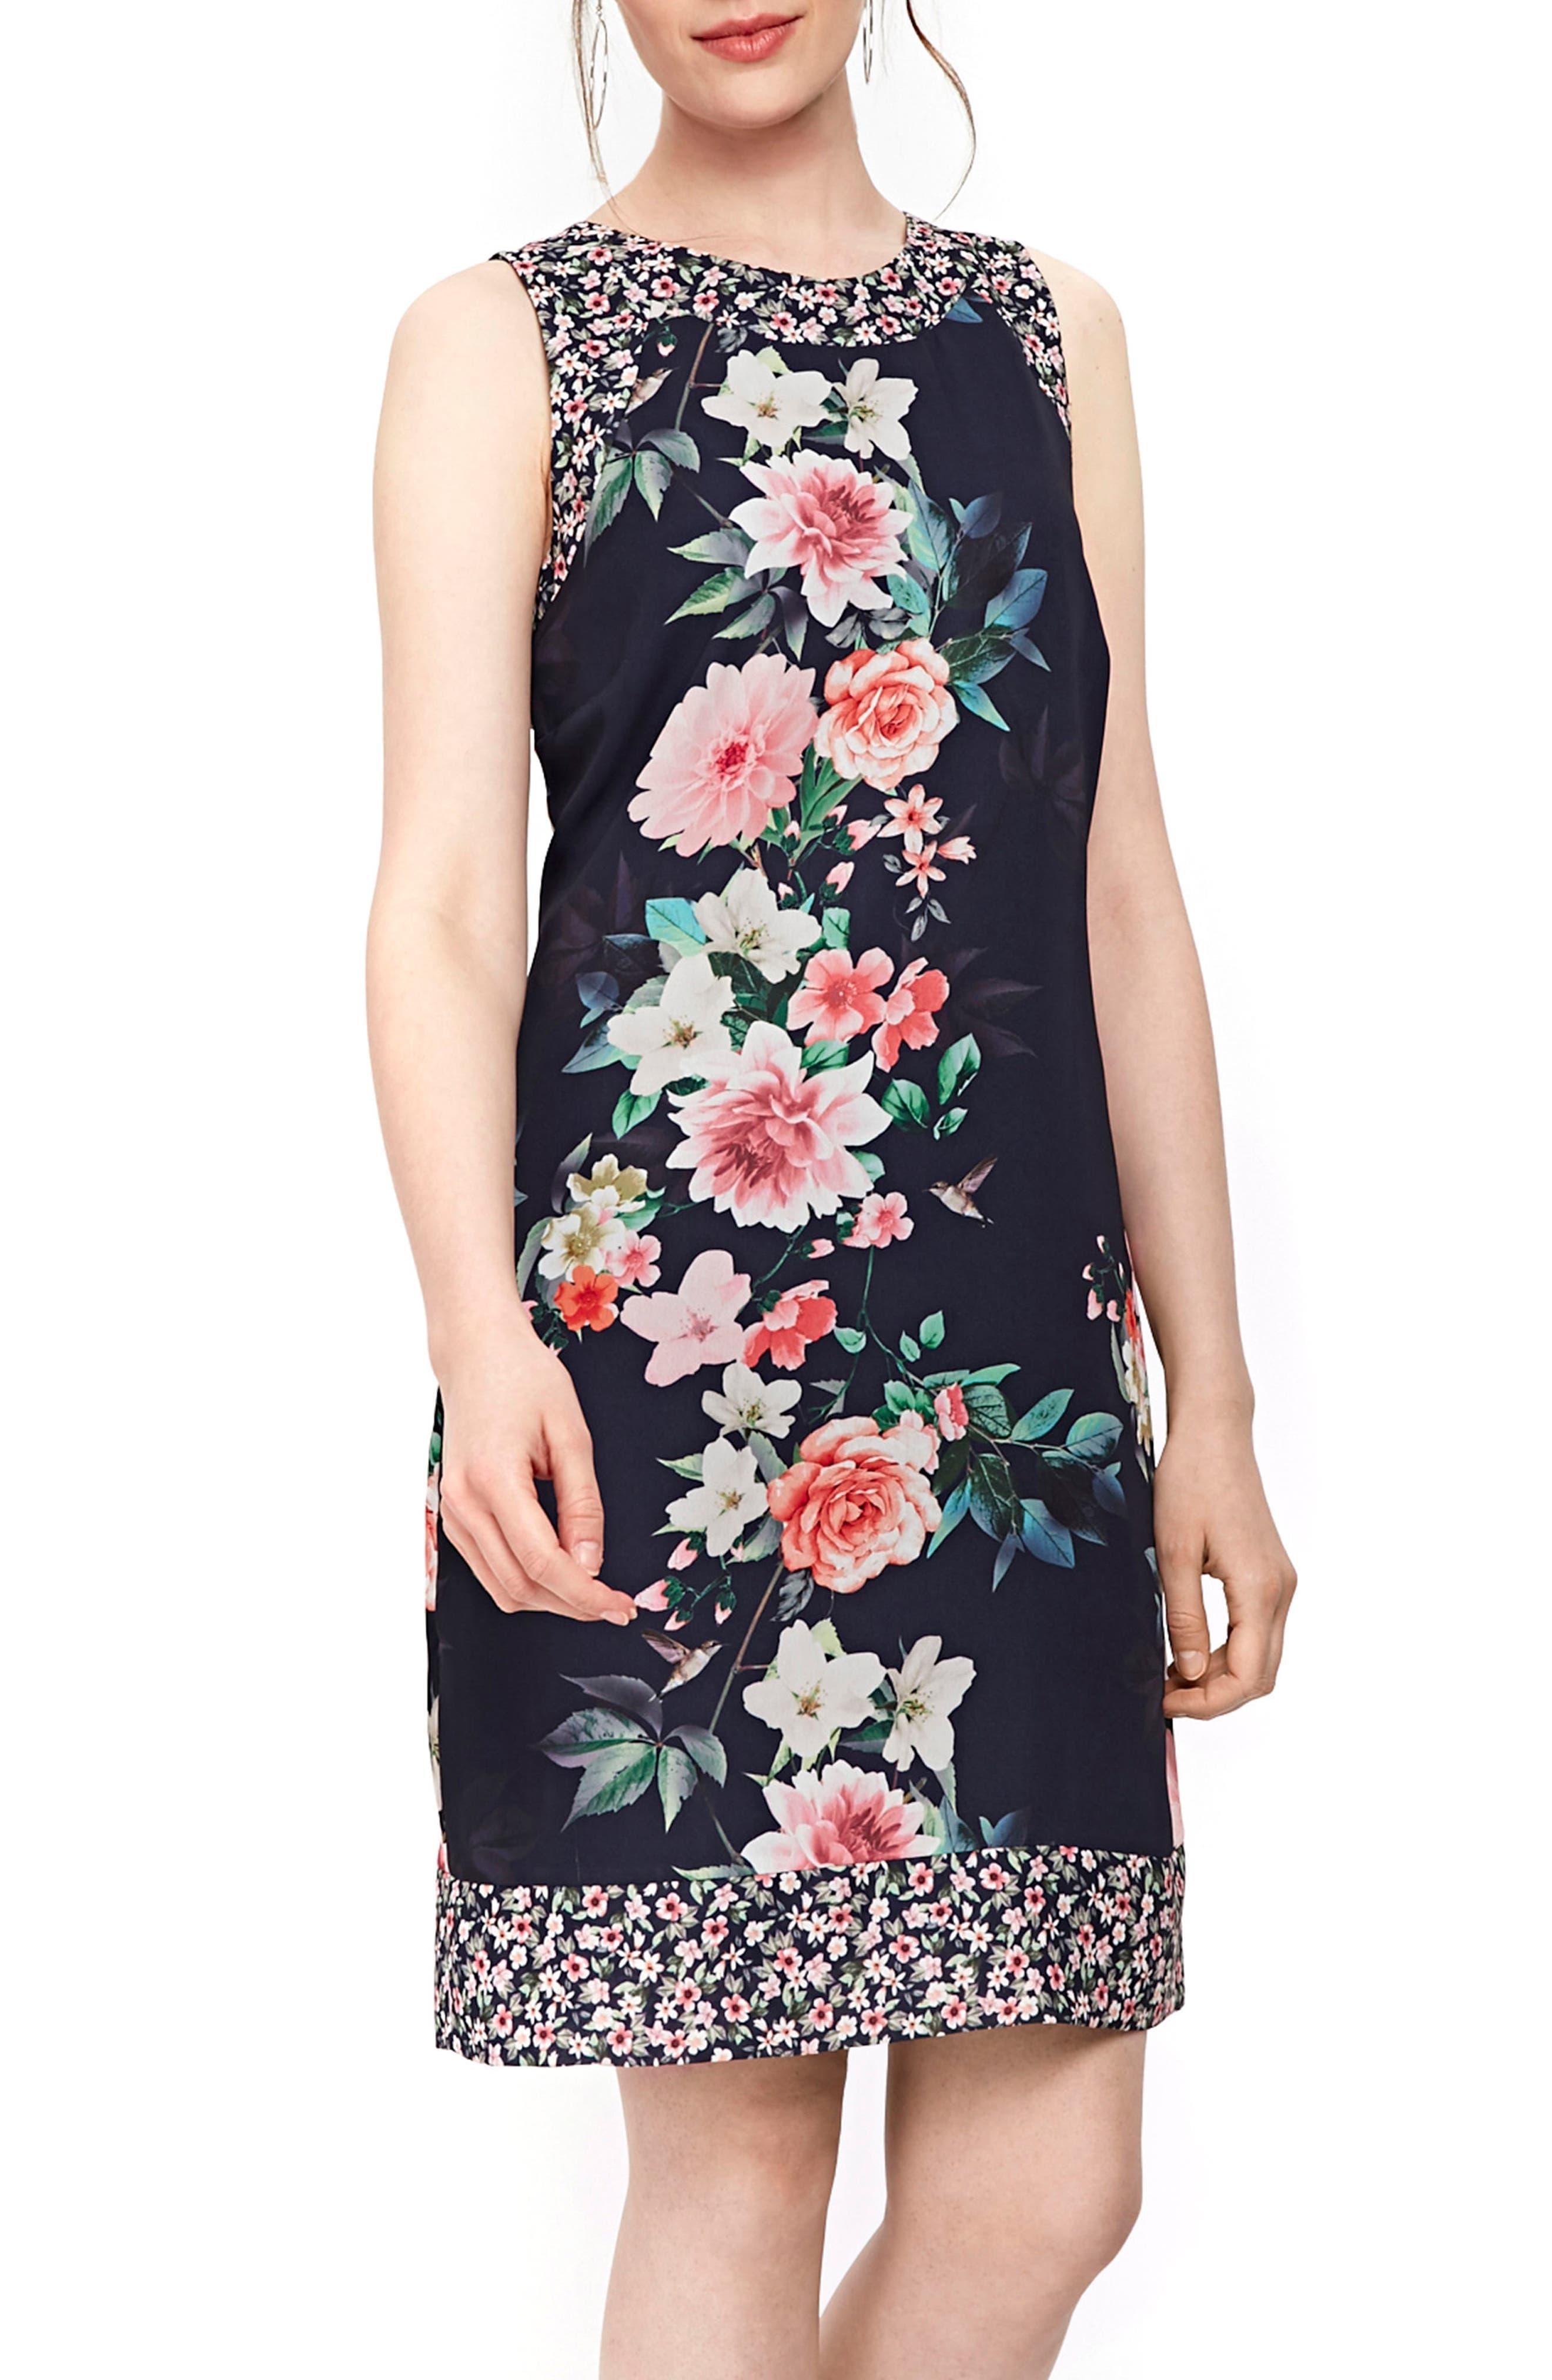 Peony Print Tank Dress,                             Alternate thumbnail 3, color,                             400